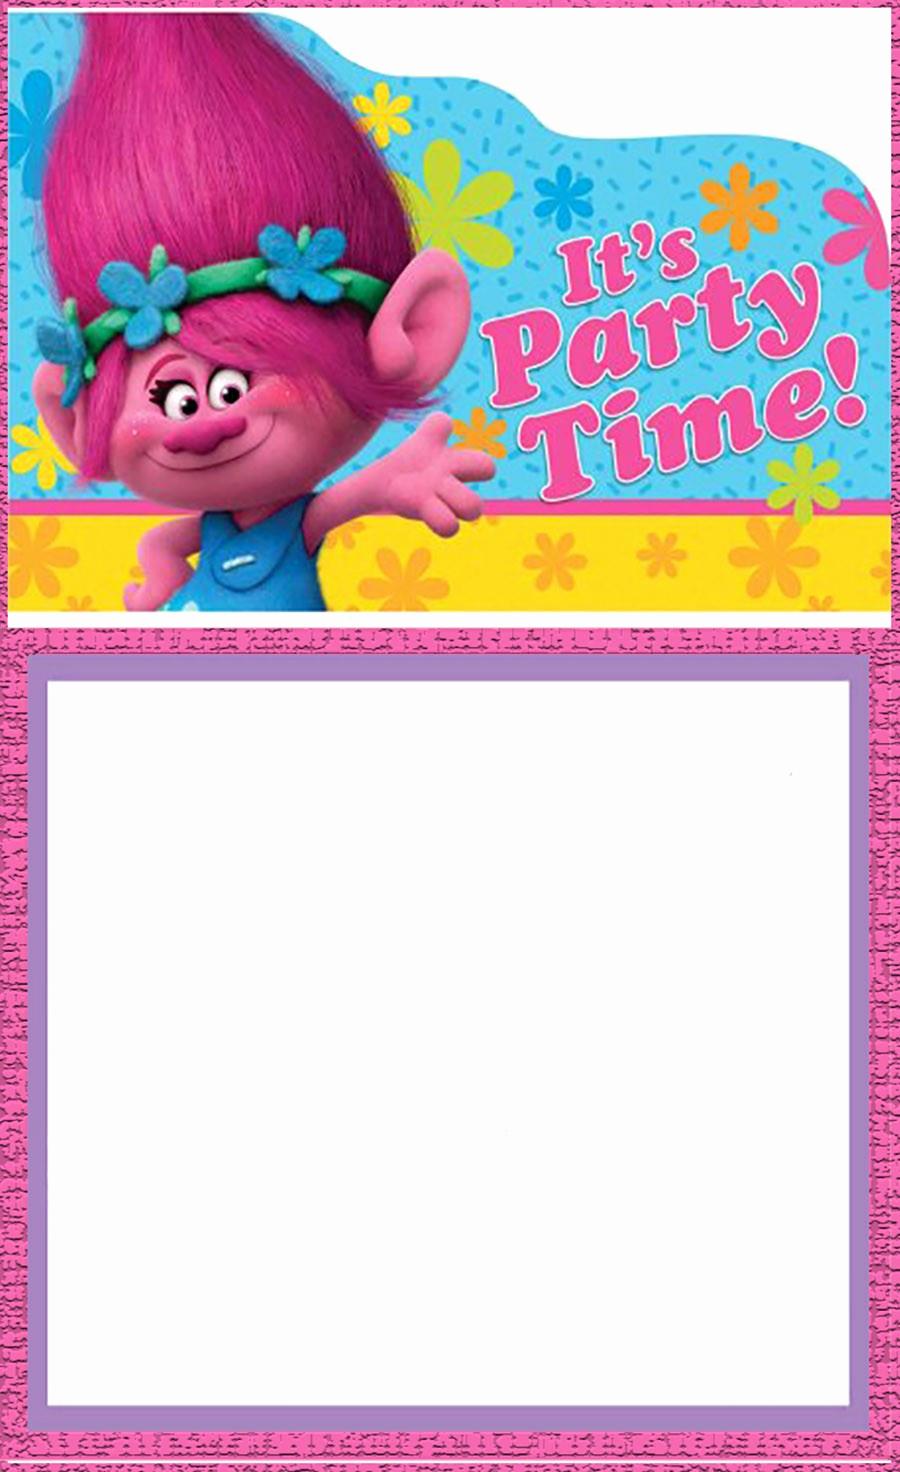 Trolls Invitation Template Free New Free Printable Trolls Invitation Templates